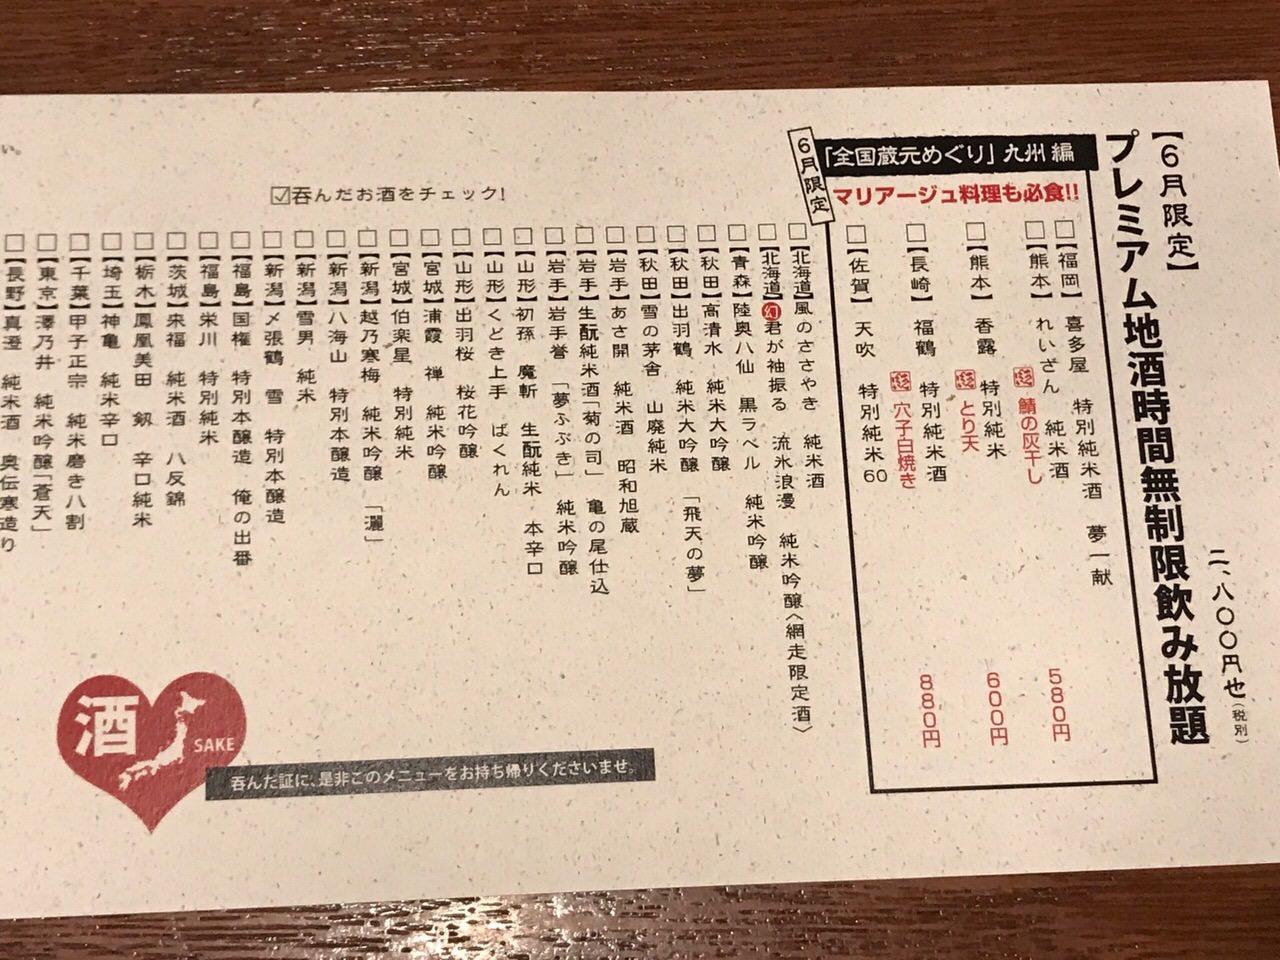 神楽坂 塩梅 メニュー